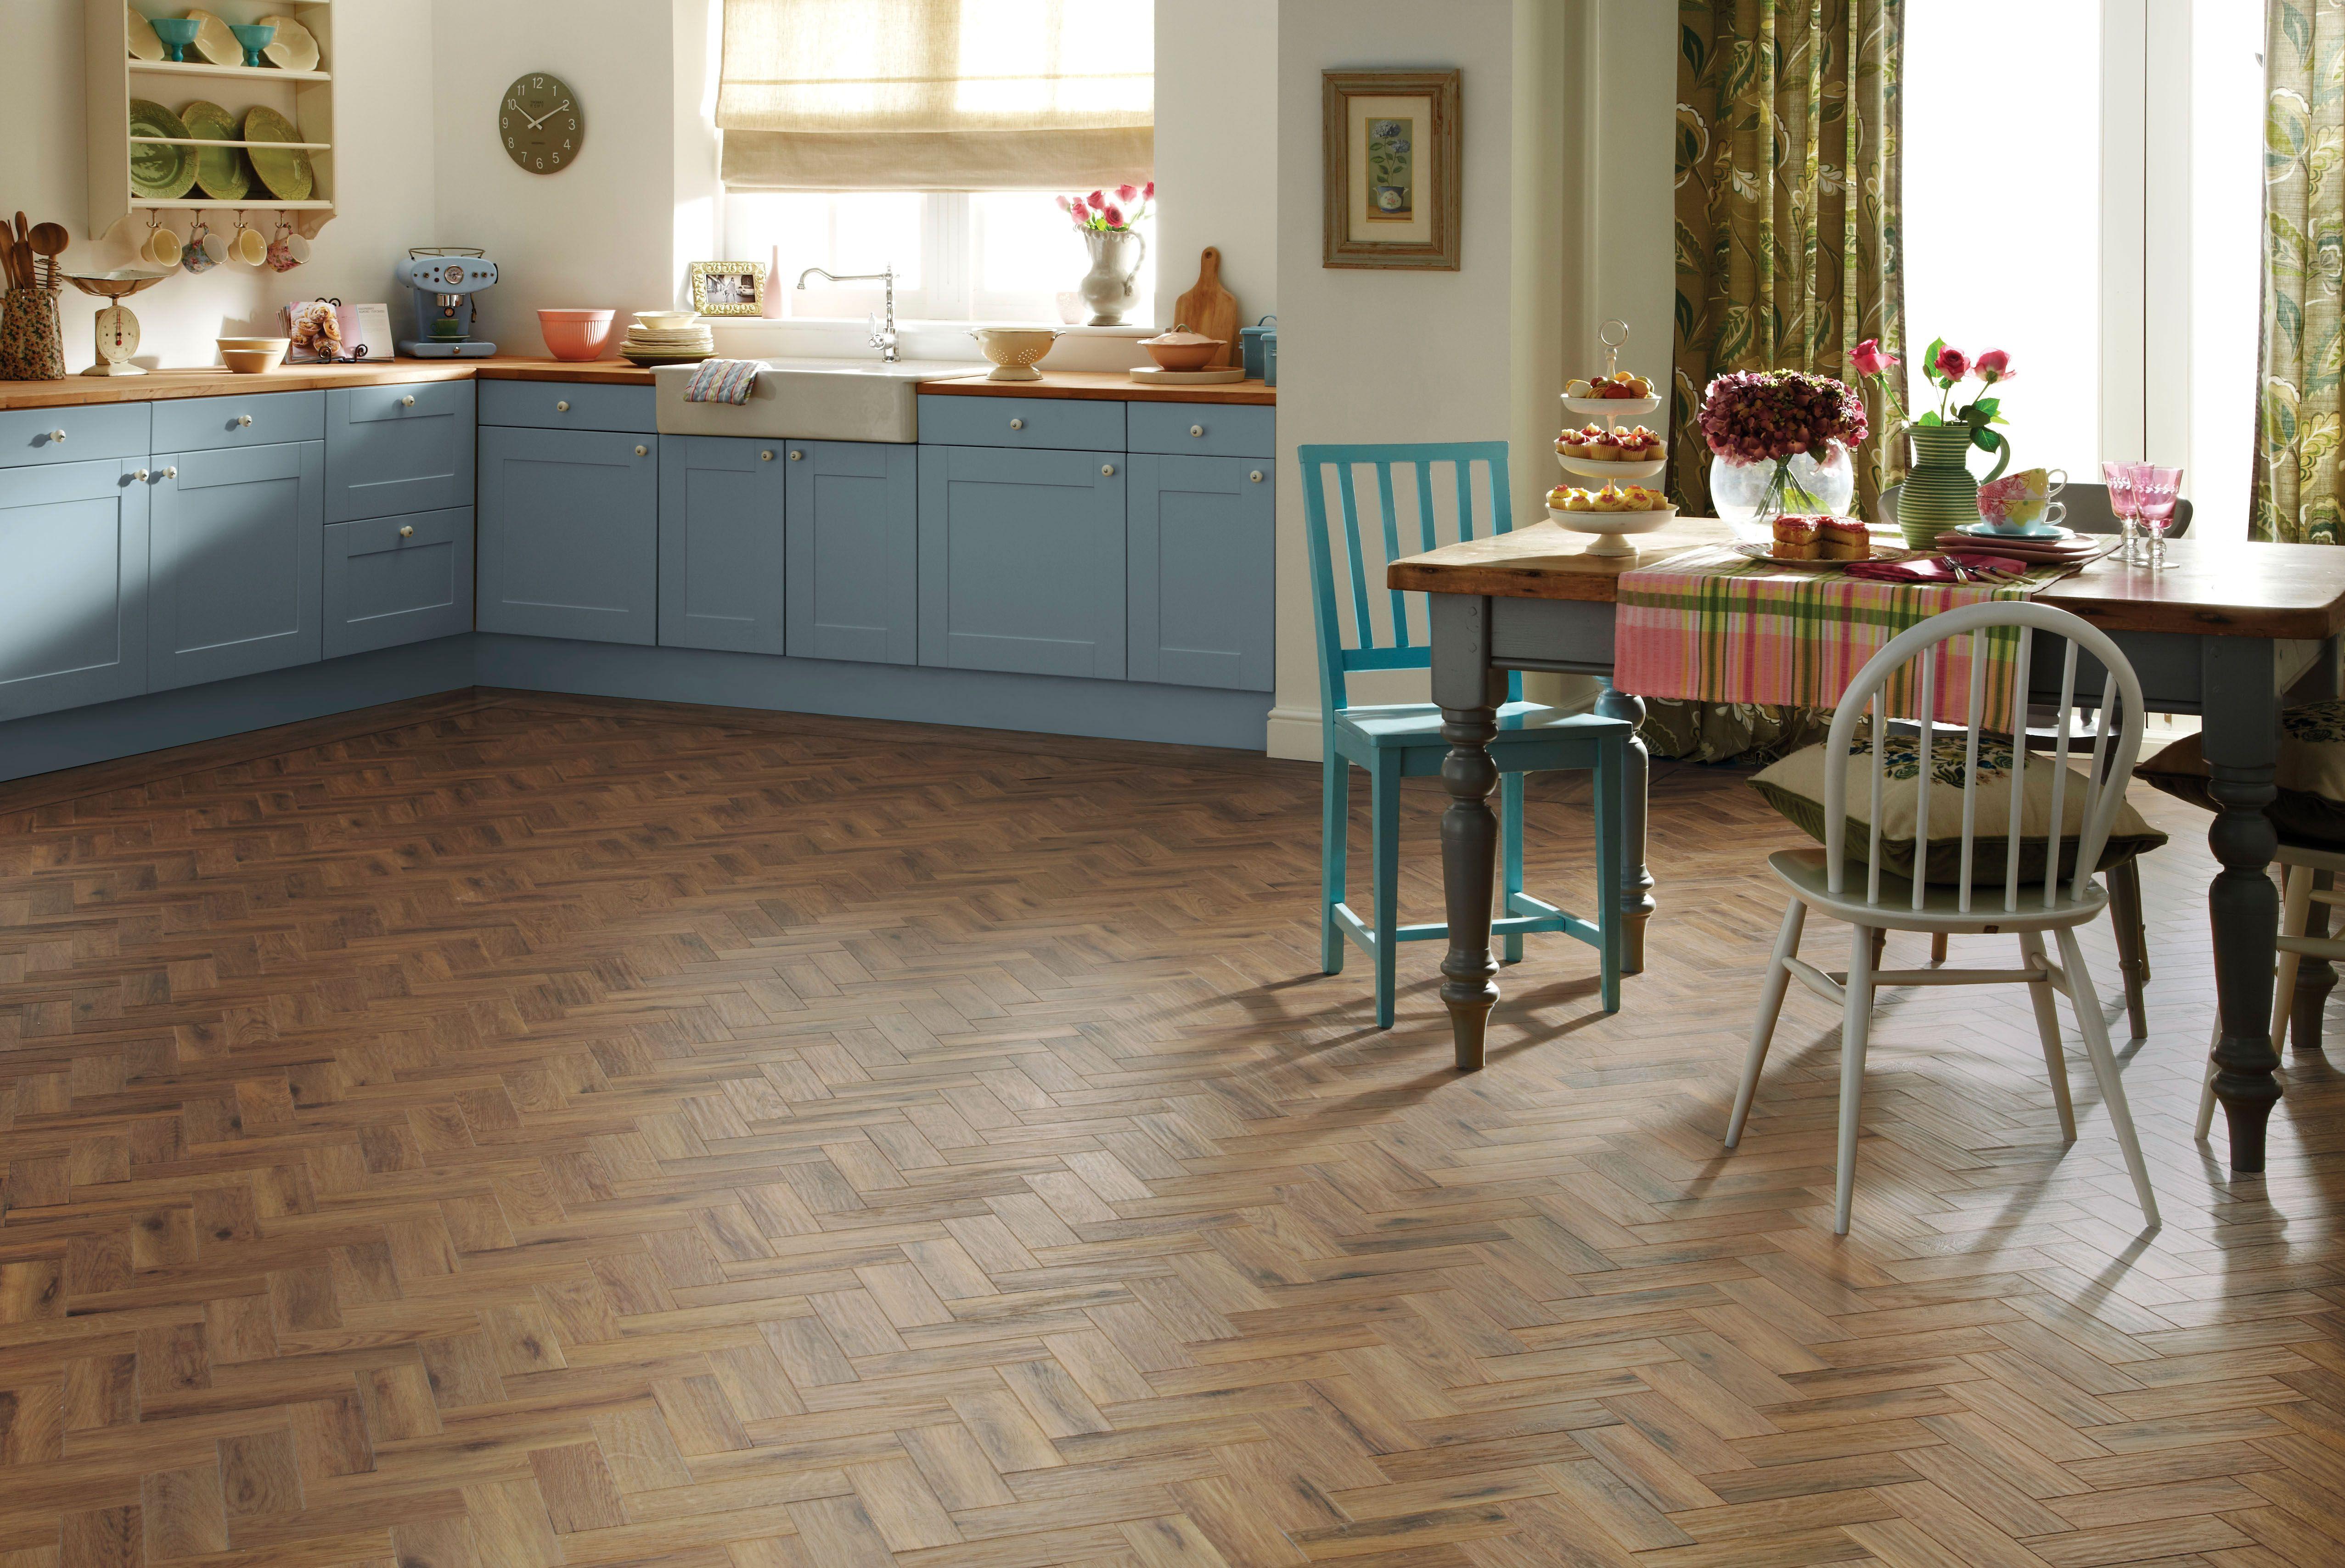 luxury karndean best floor buy van newcastle gogh hut da co wood flooring the pin vinyl vinci from and bedroom tiles classic oak designflooring very kitchen